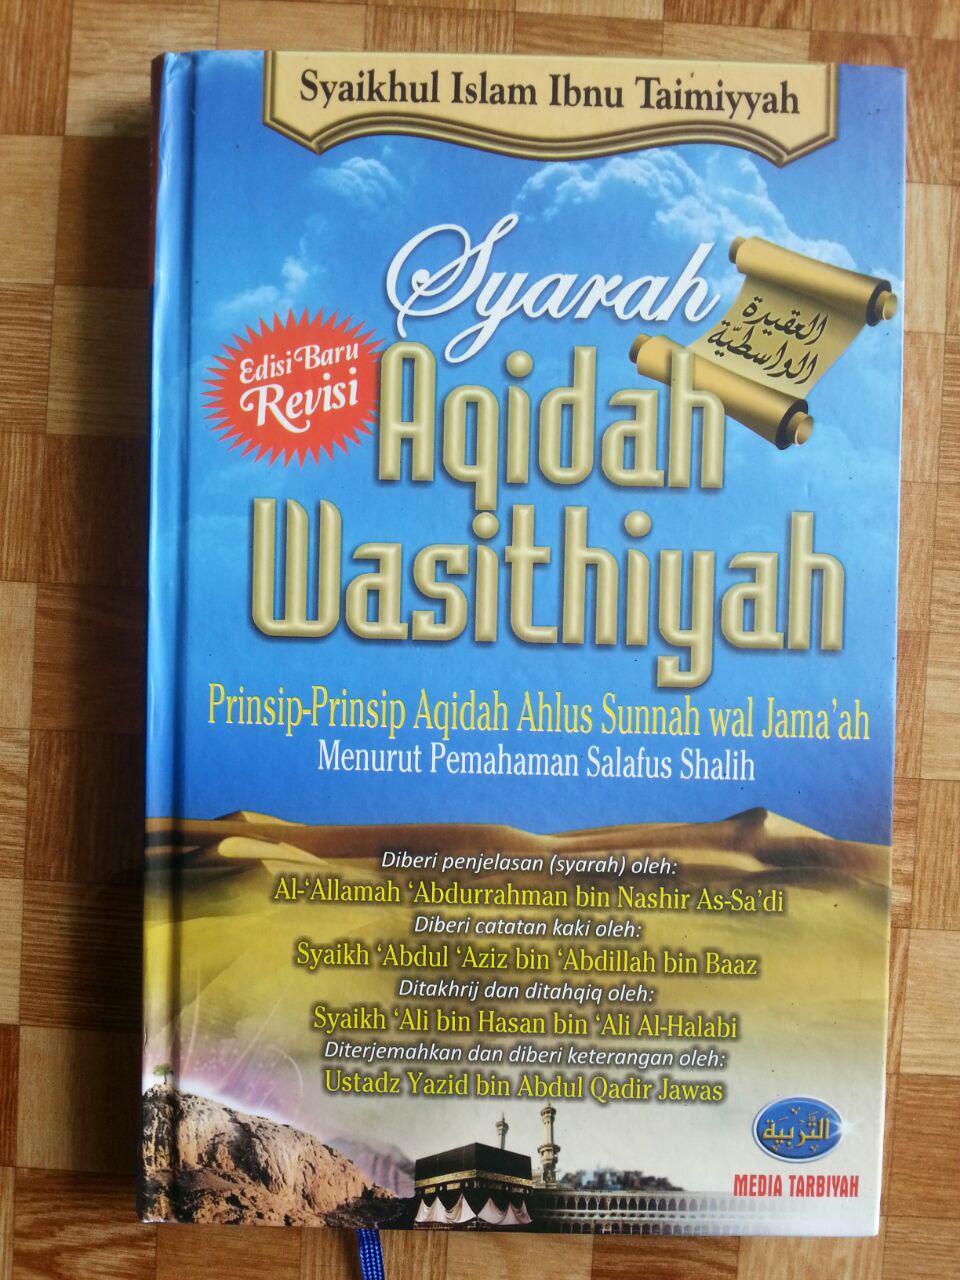 Buku Syarah Aqidah Wasithiyah Prinsip ASWAJA cover 2